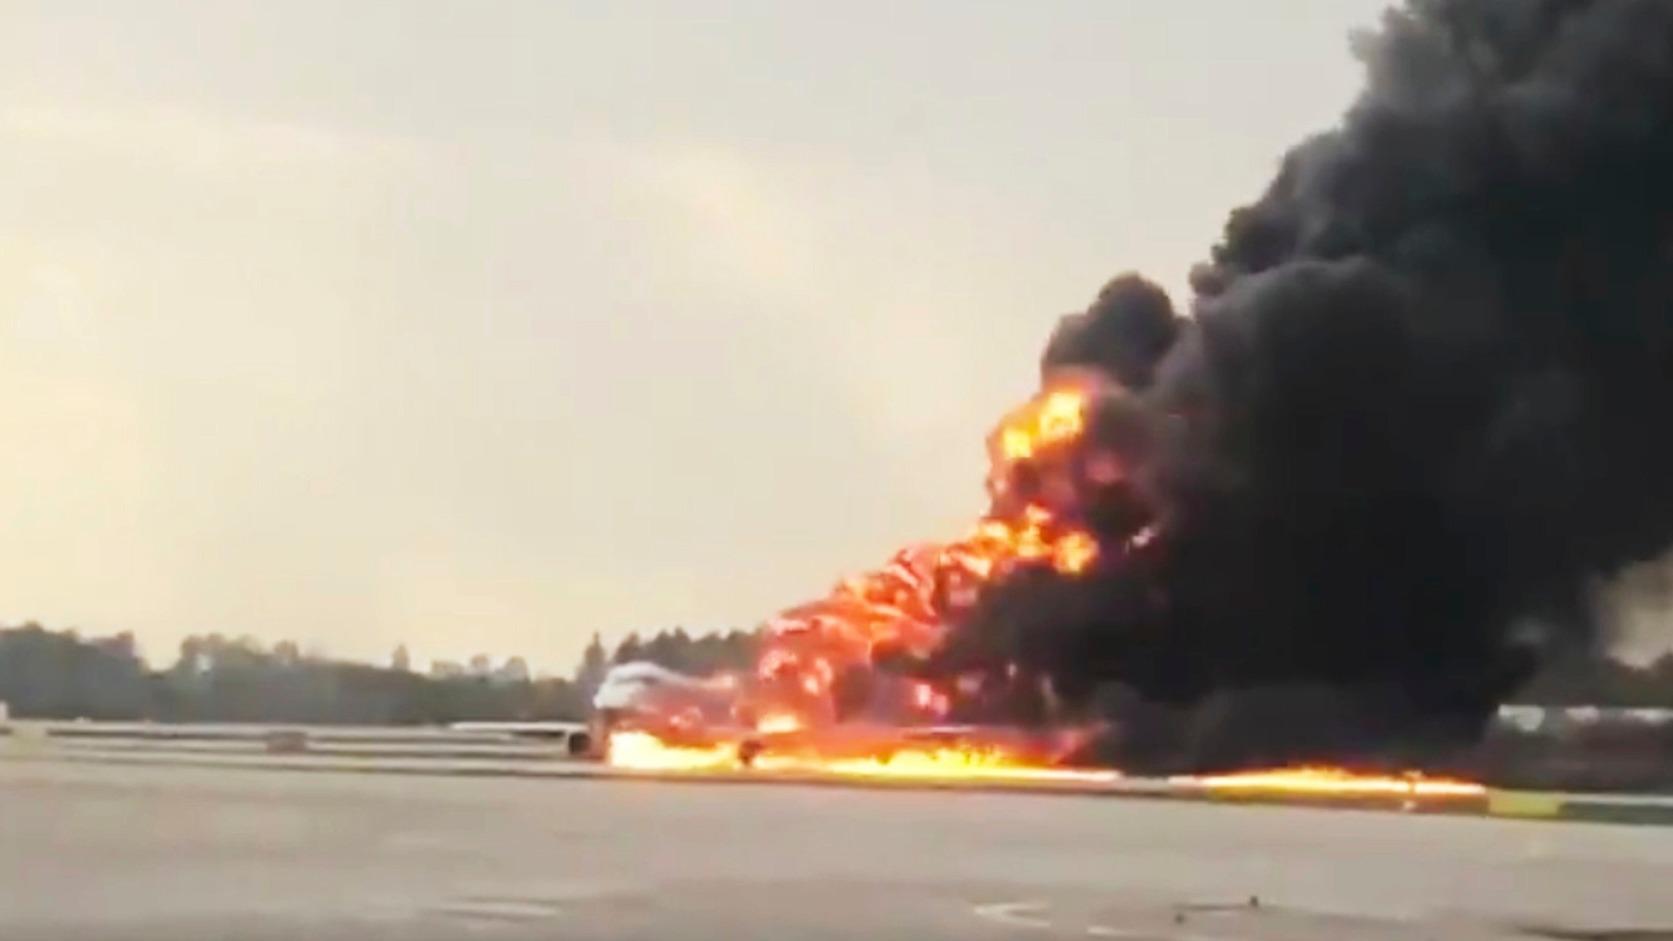 Moszkva, 2019. május 5. A Mihail Norenko Twitter-oldalán közreadott képen egy repülőgép lángol a moszkvai Seremetyevói repülőtéren 2019. május 5-én. Az Aeroflot Szuhoj SSJ-100-as típusú utasszállító repülőgépén 73 utas és 6 főnyi személyzet utazott, közülük tizenhárom személy életét vesztette, több mint tíz orvosi ellátásra szorult. MTI/AP/Mihail Norenko